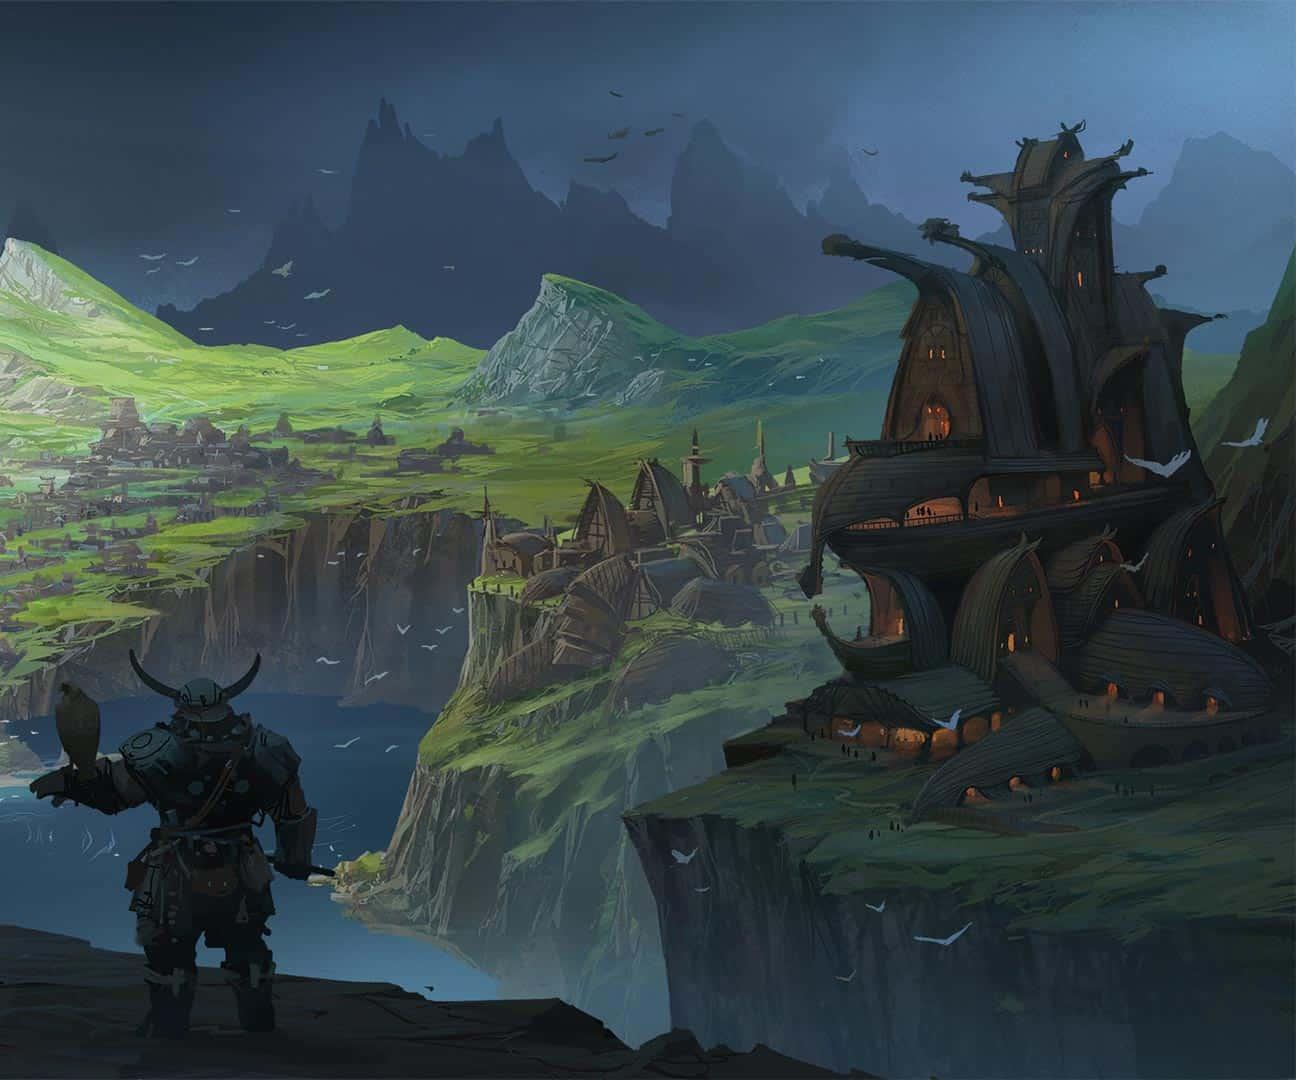 illustrazione di norigia, nano che guarda la alta scogliera con un falco con le case che hanno come tetti degli scafi rovesciati